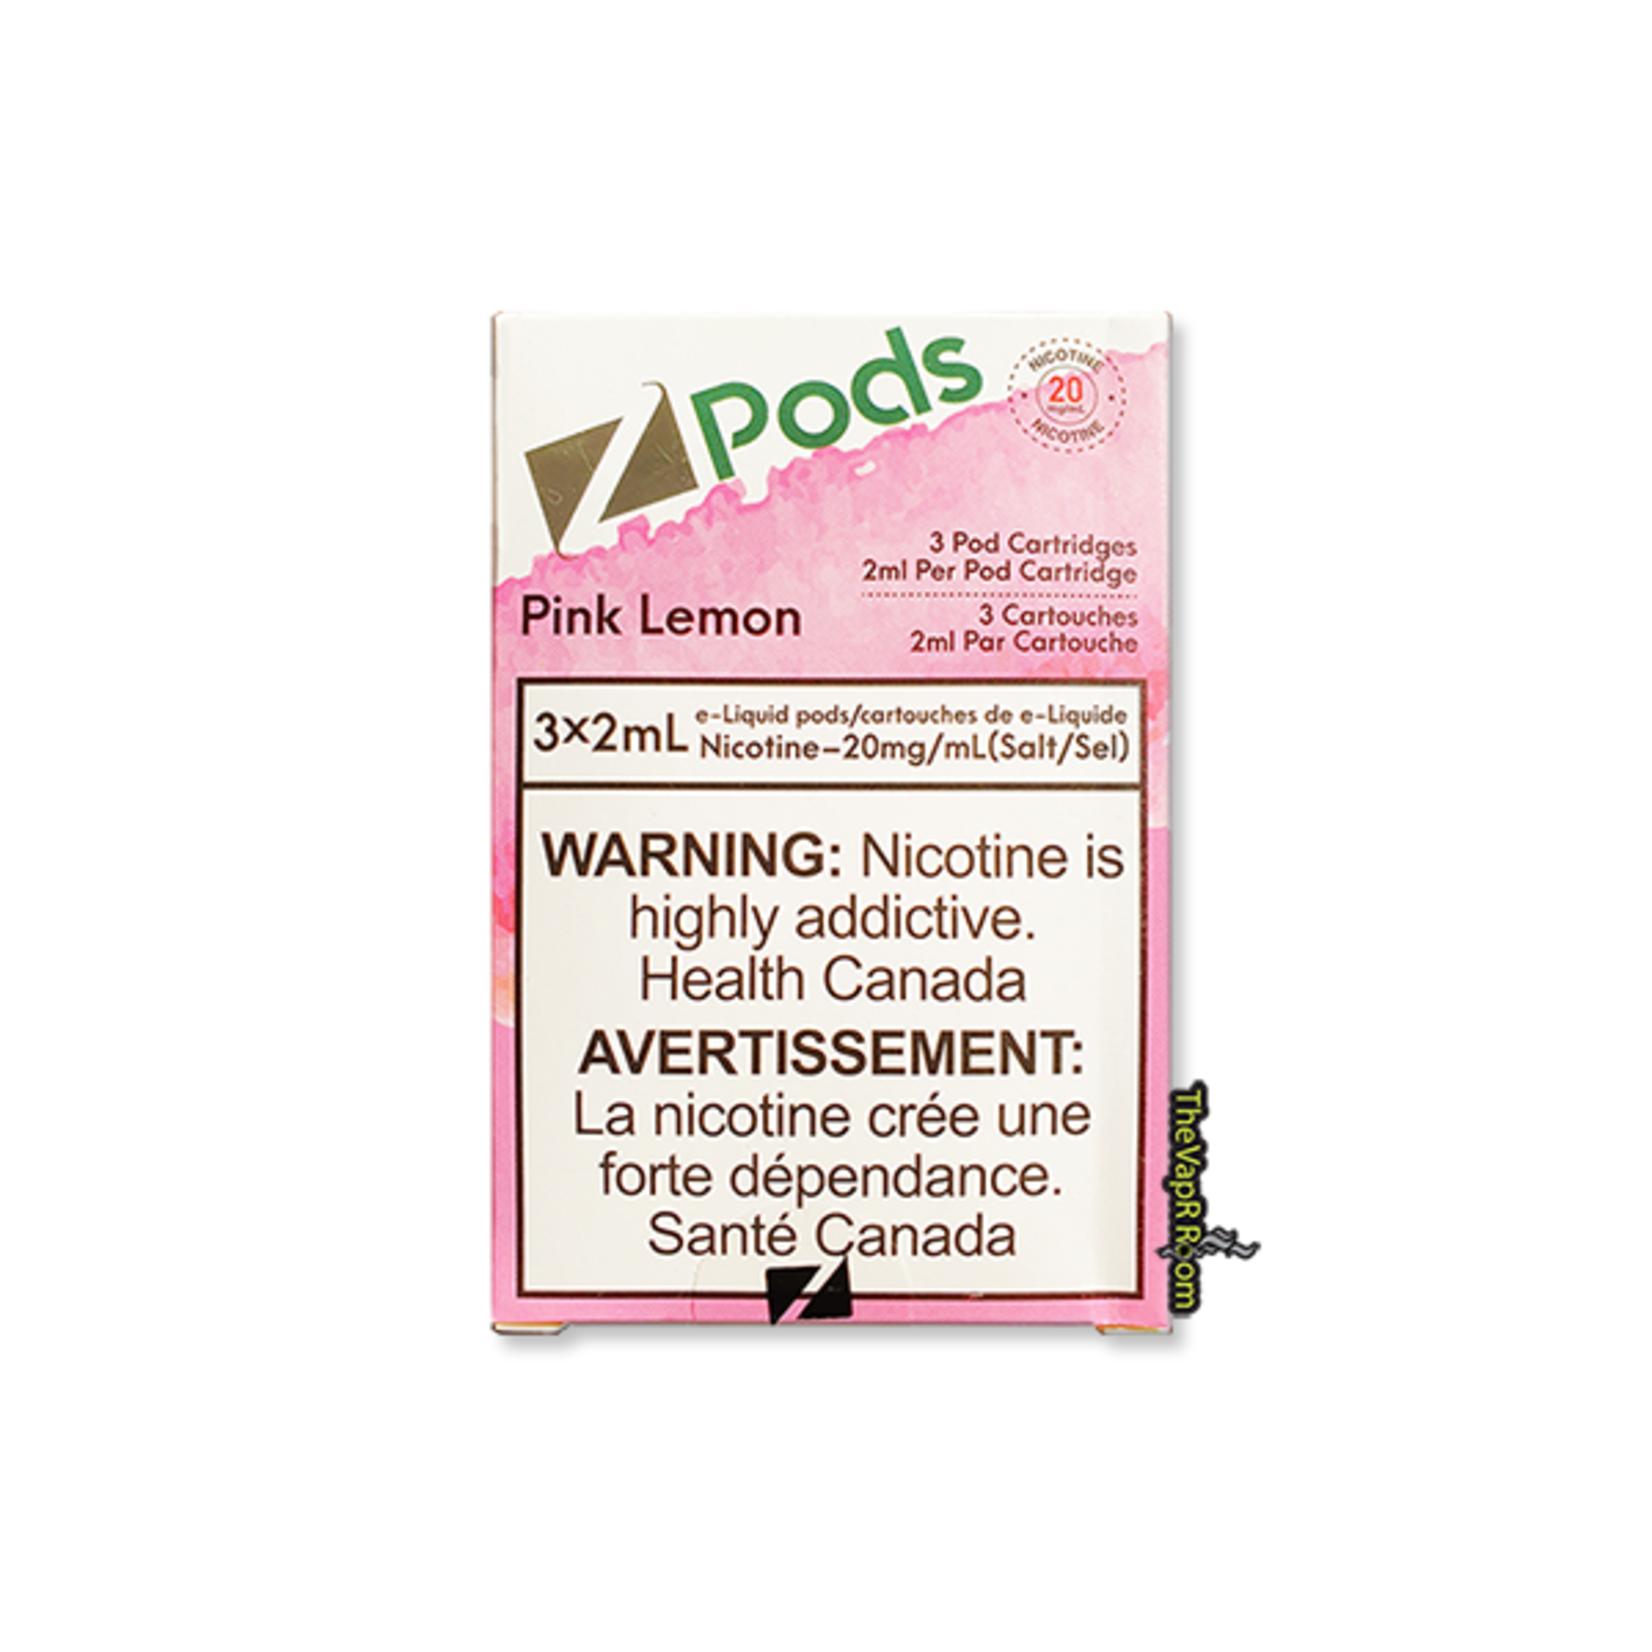 Z-LABS Pink Lemon